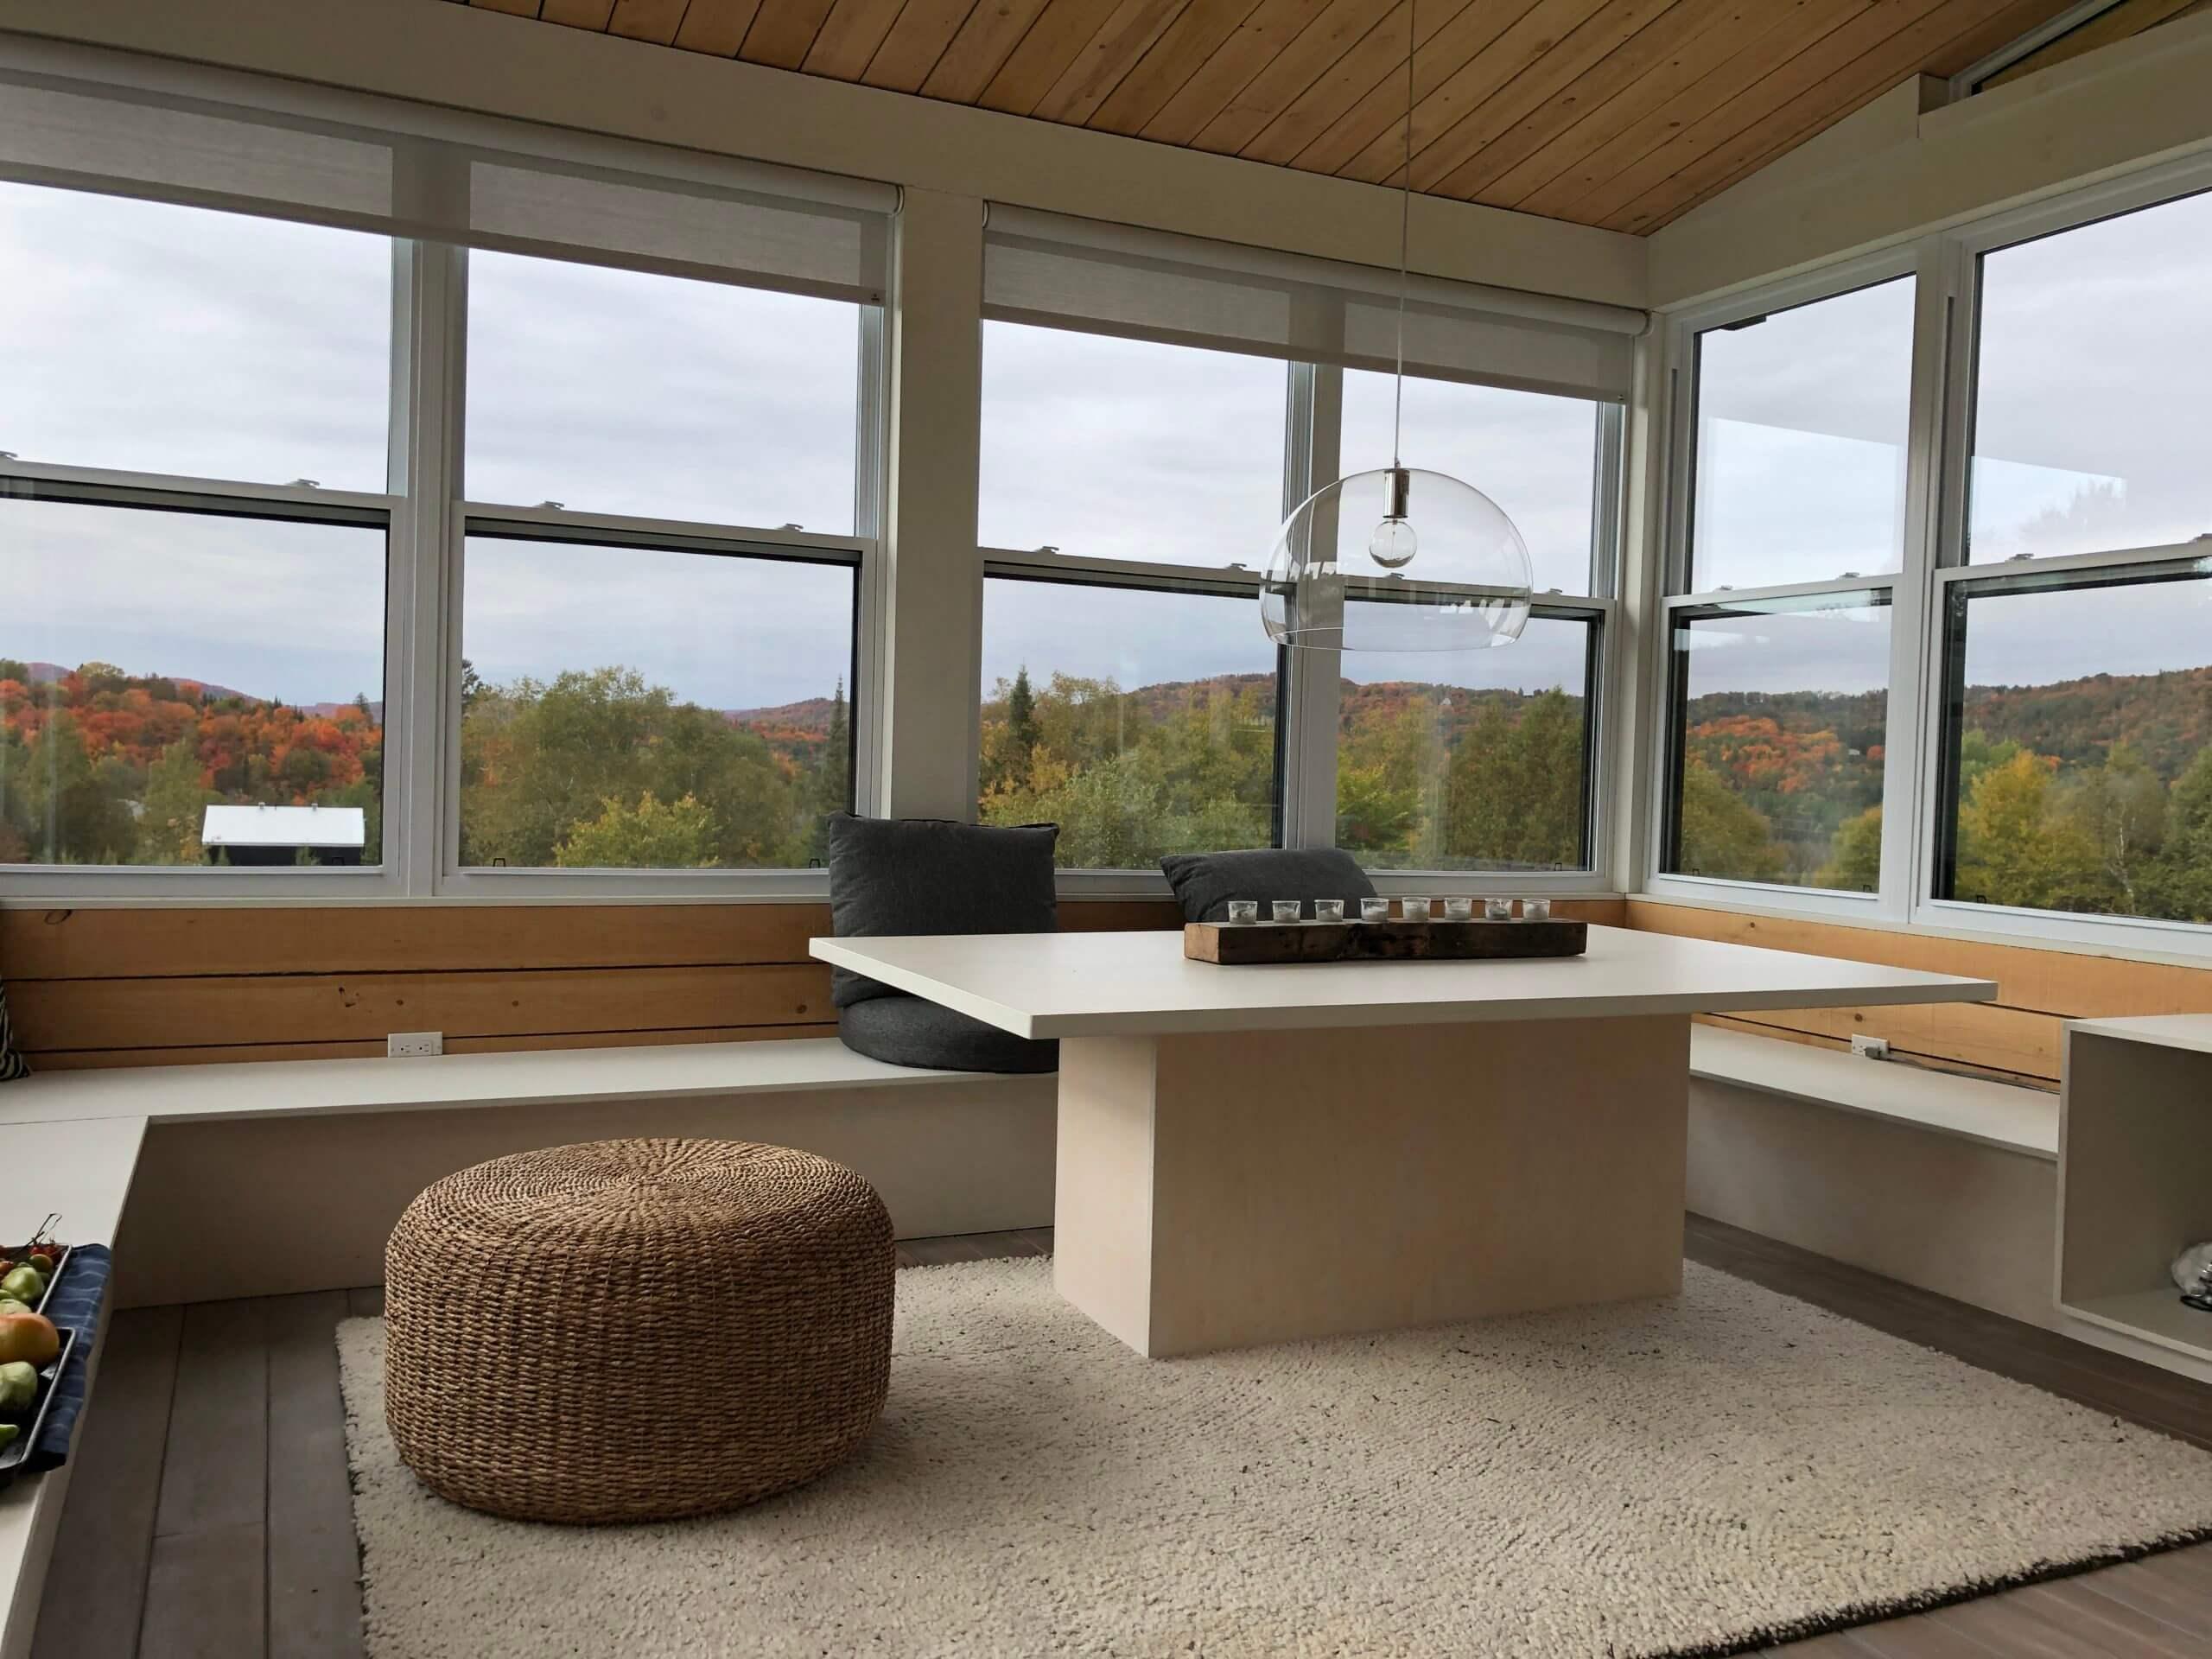 fenêtres pour véranda 04